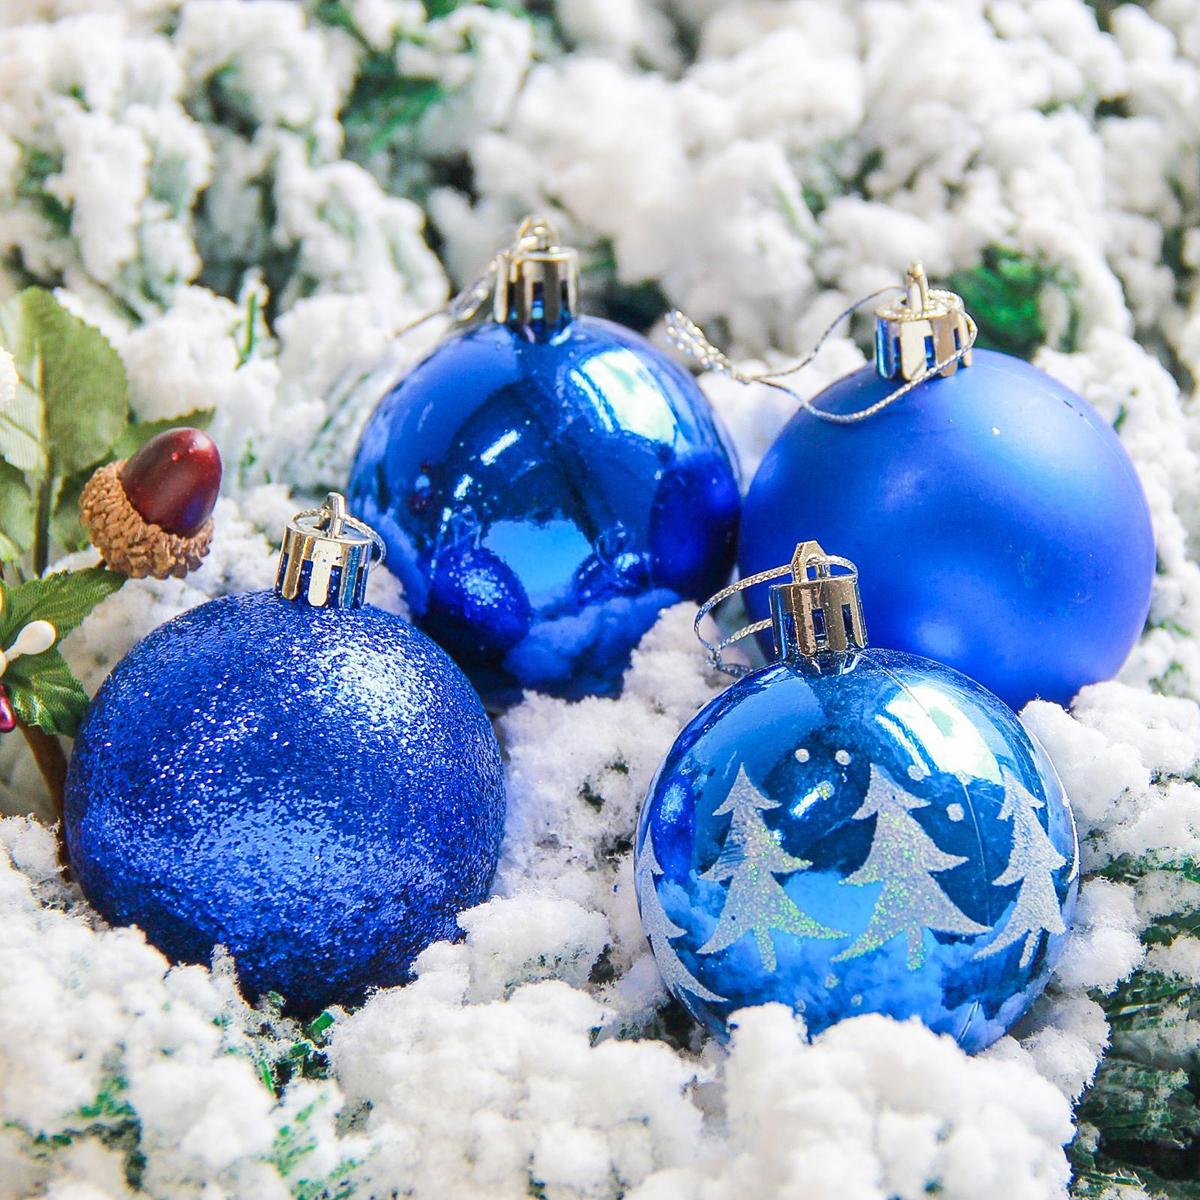 Набор новогодних подвесных украшений Sima-land Грациозо, цвет: синий, диаметр 6 см, 16 шт2178249Набор новогодних подвесных украшений Sima-land отлично подойдет для декорации вашего дома и новогодней ели. С помощью специальной петельки украшение можно повесить в любом понравившемся вам месте. Но, конечно, удачнее всего оно будет смотреться на праздничной елке. Елочная игрушка - символ Нового года. Она несет в себе волшебство и красоту праздника. Создайте в своем доме атмосферу веселья и радости, украшая новогоднюю елку нарядными игрушками, которые будут из года в год накапливать теплоту воспоминаний.